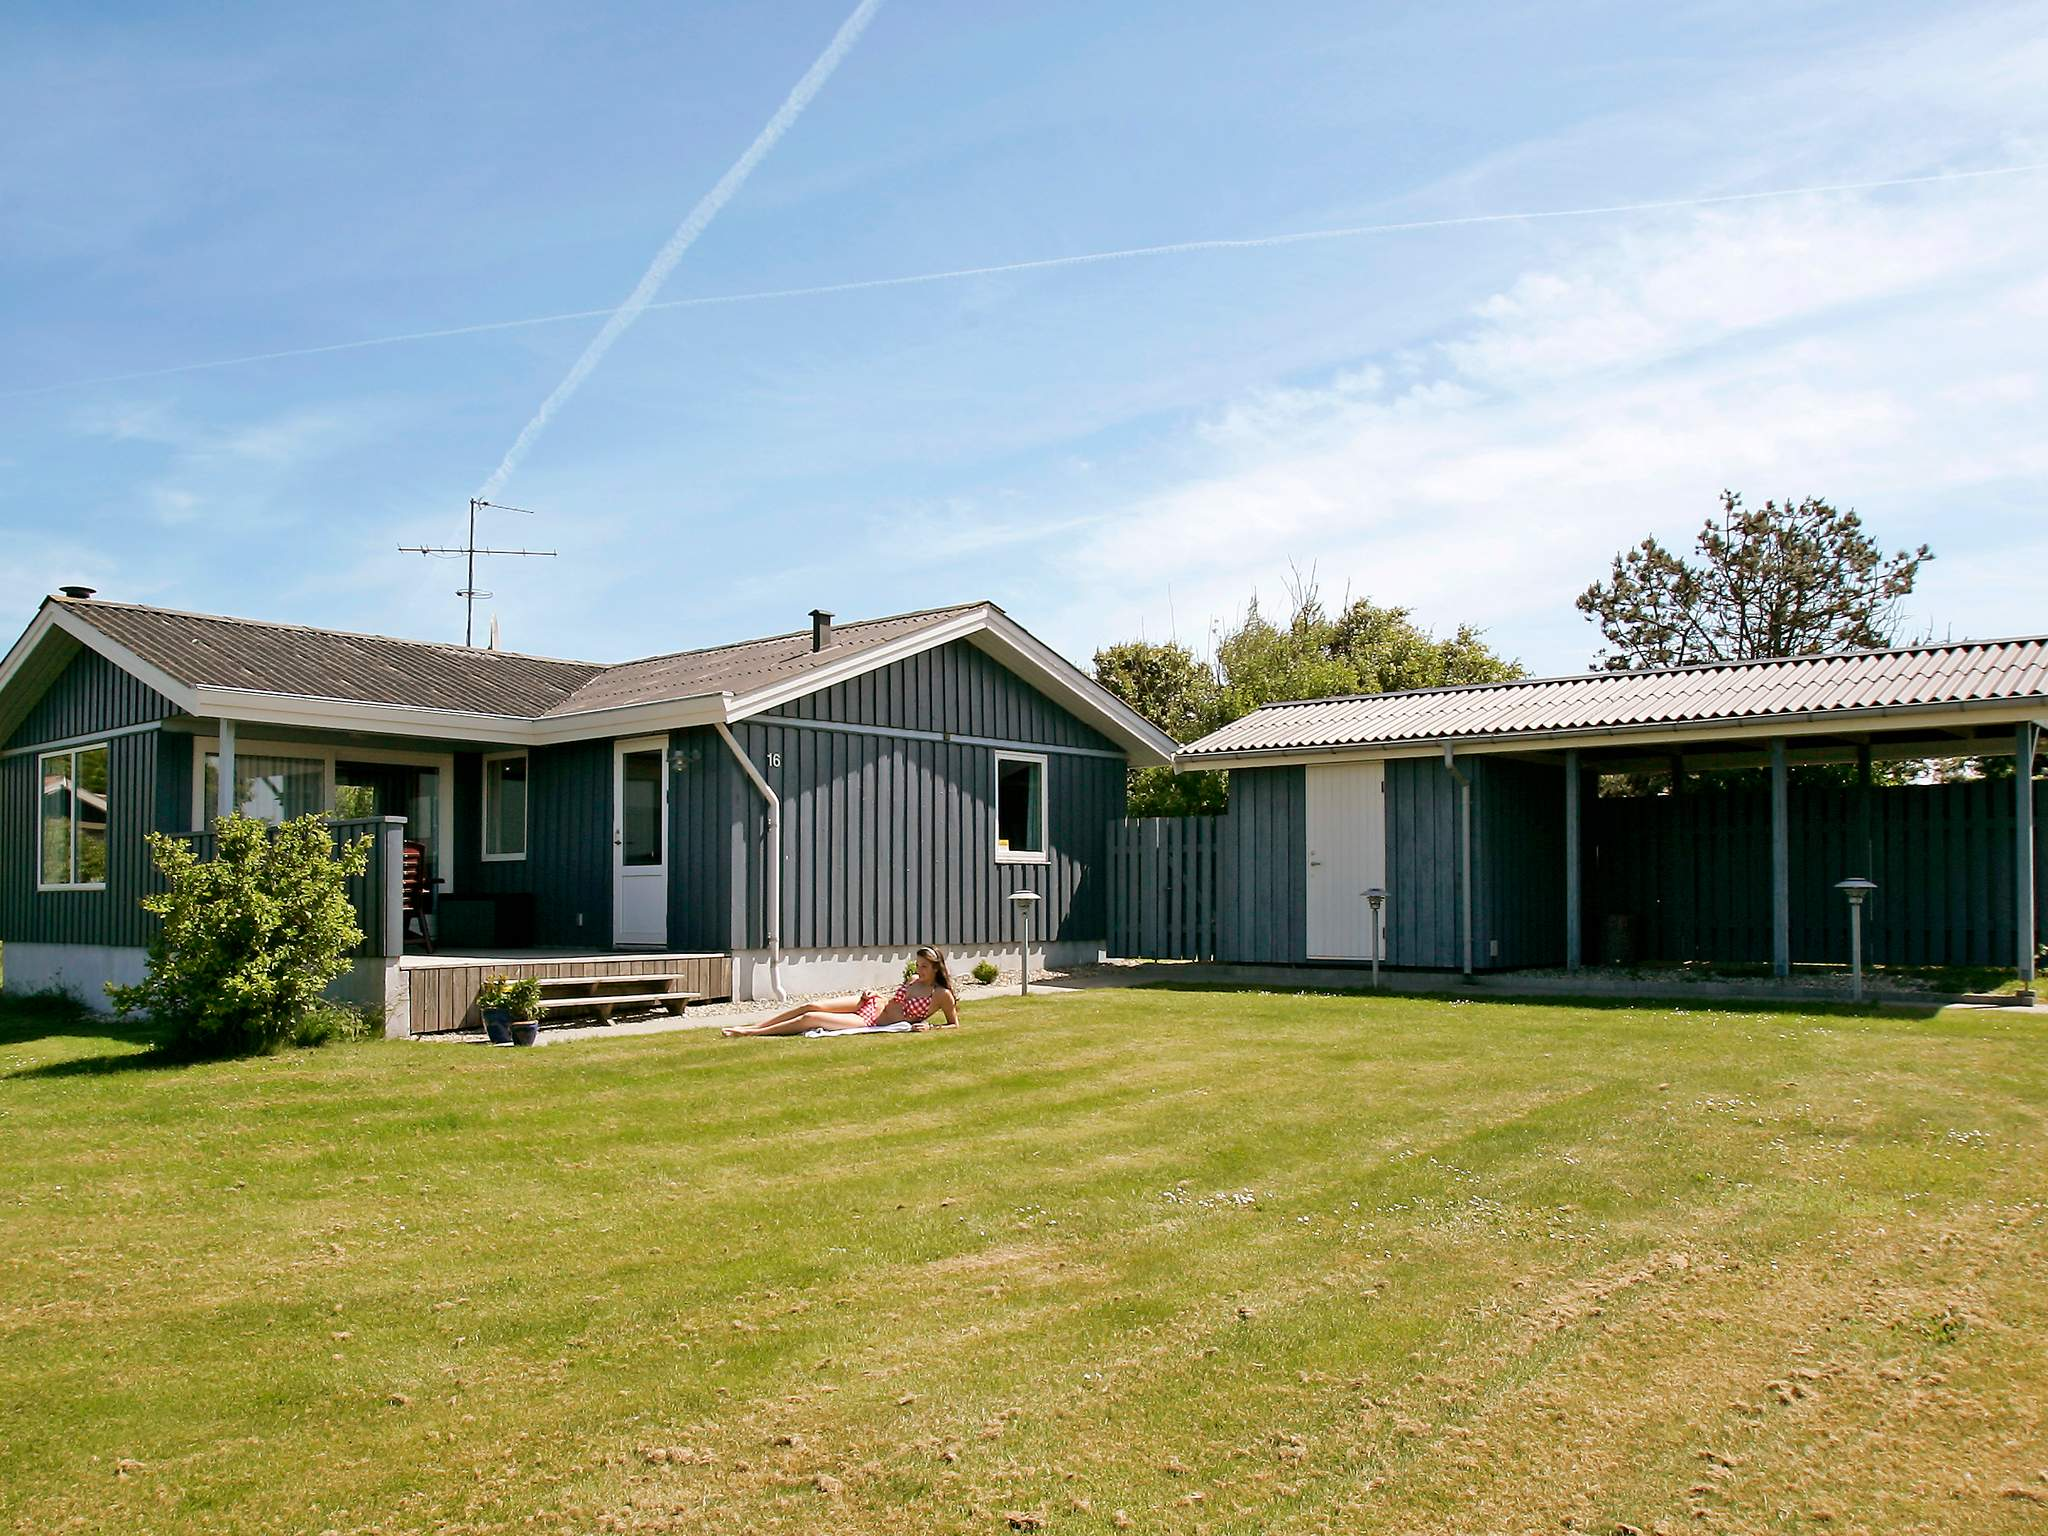 Ferienhaus Kærgården (319396), Vestervig, , Limfjord, Dänemark, Bild 1